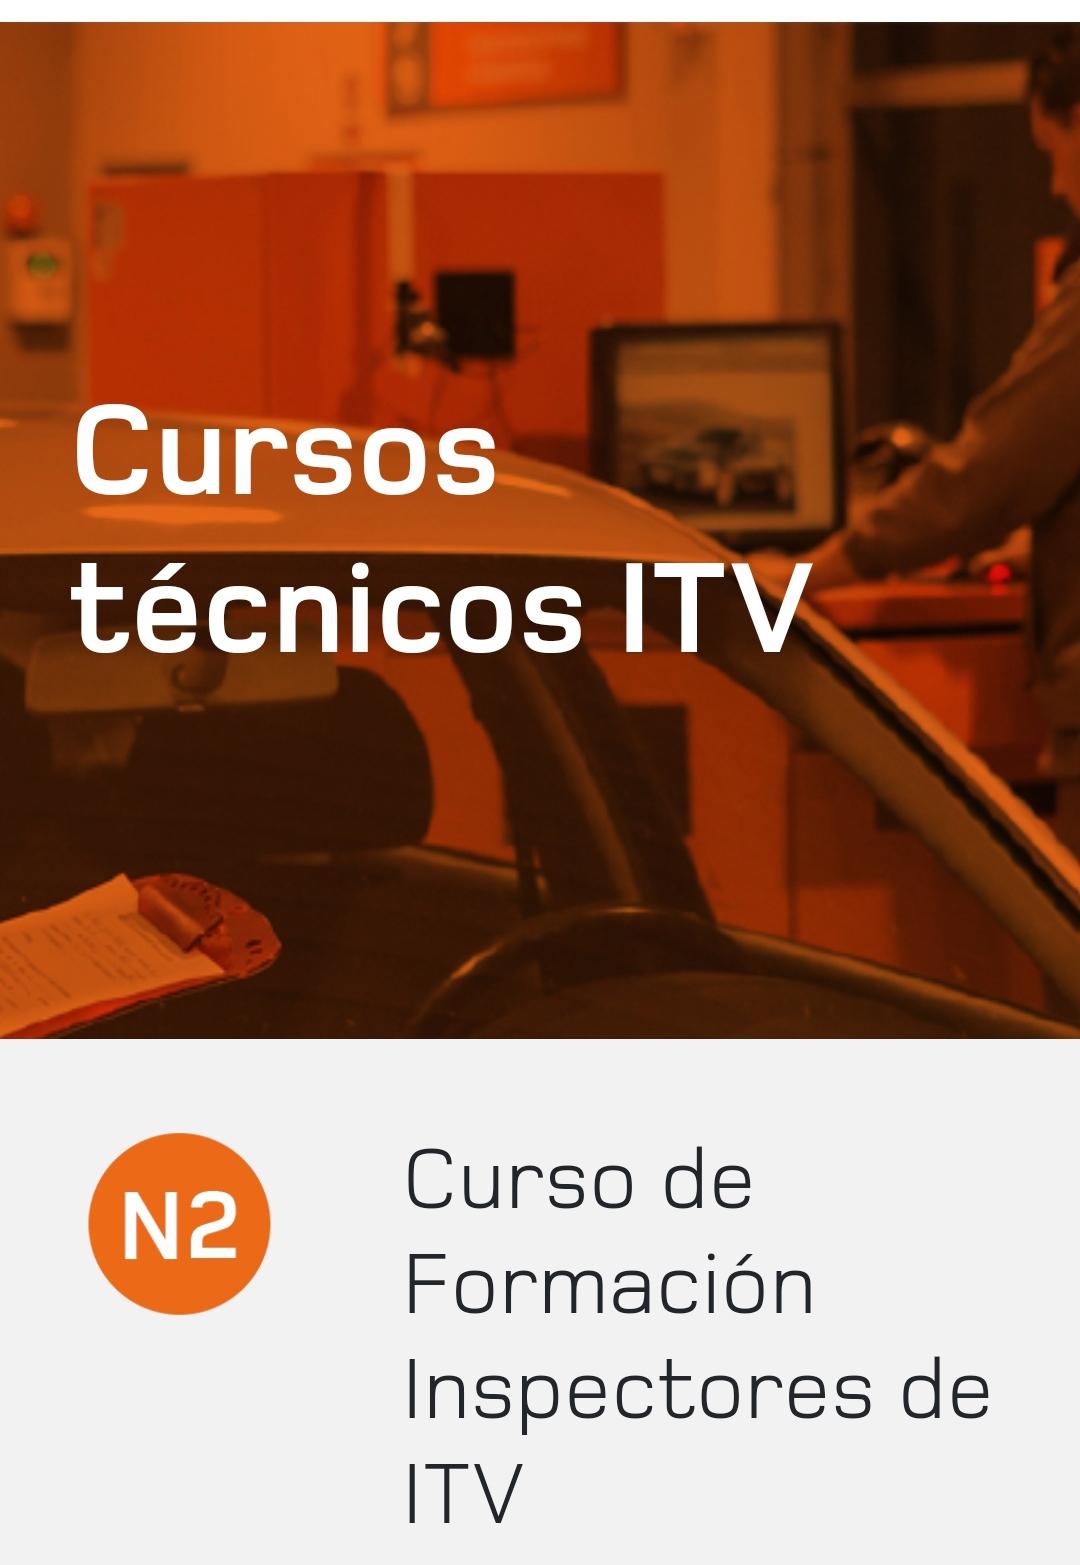 """CURSO GRATUITO para """"INSPECTOR TÉCNICO DE ITV"""" en Applus+ Iteuve"""